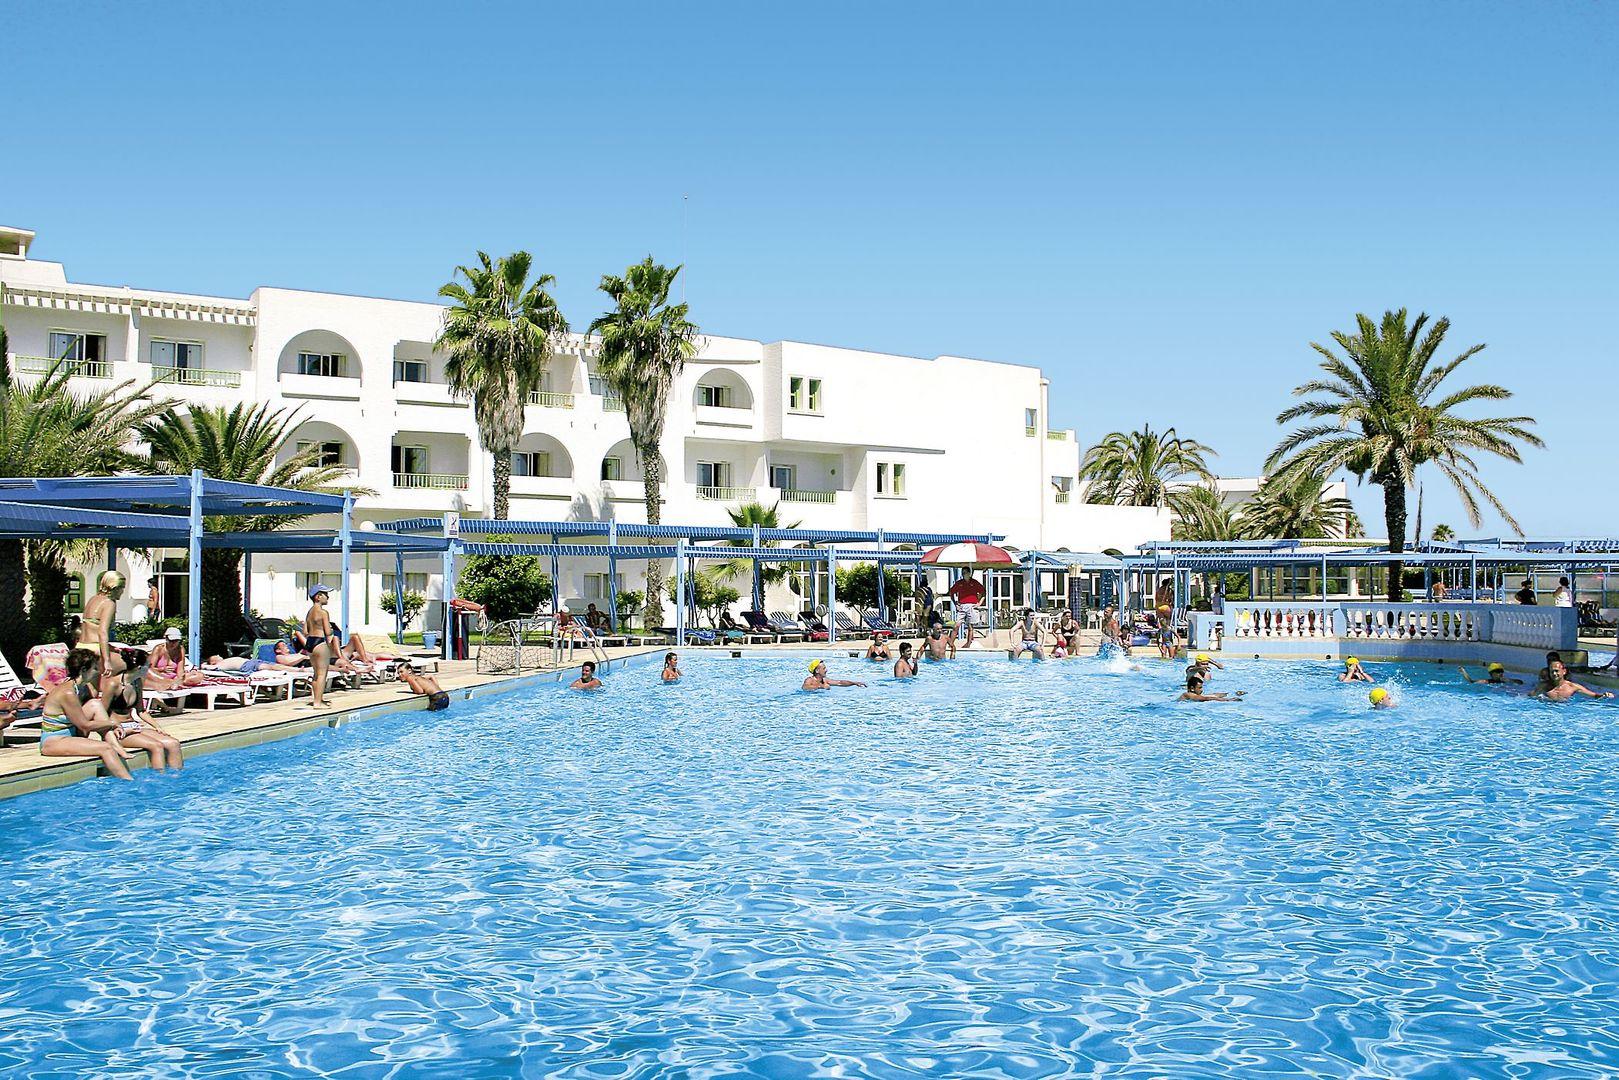 Hotel El Mouradi Port El K